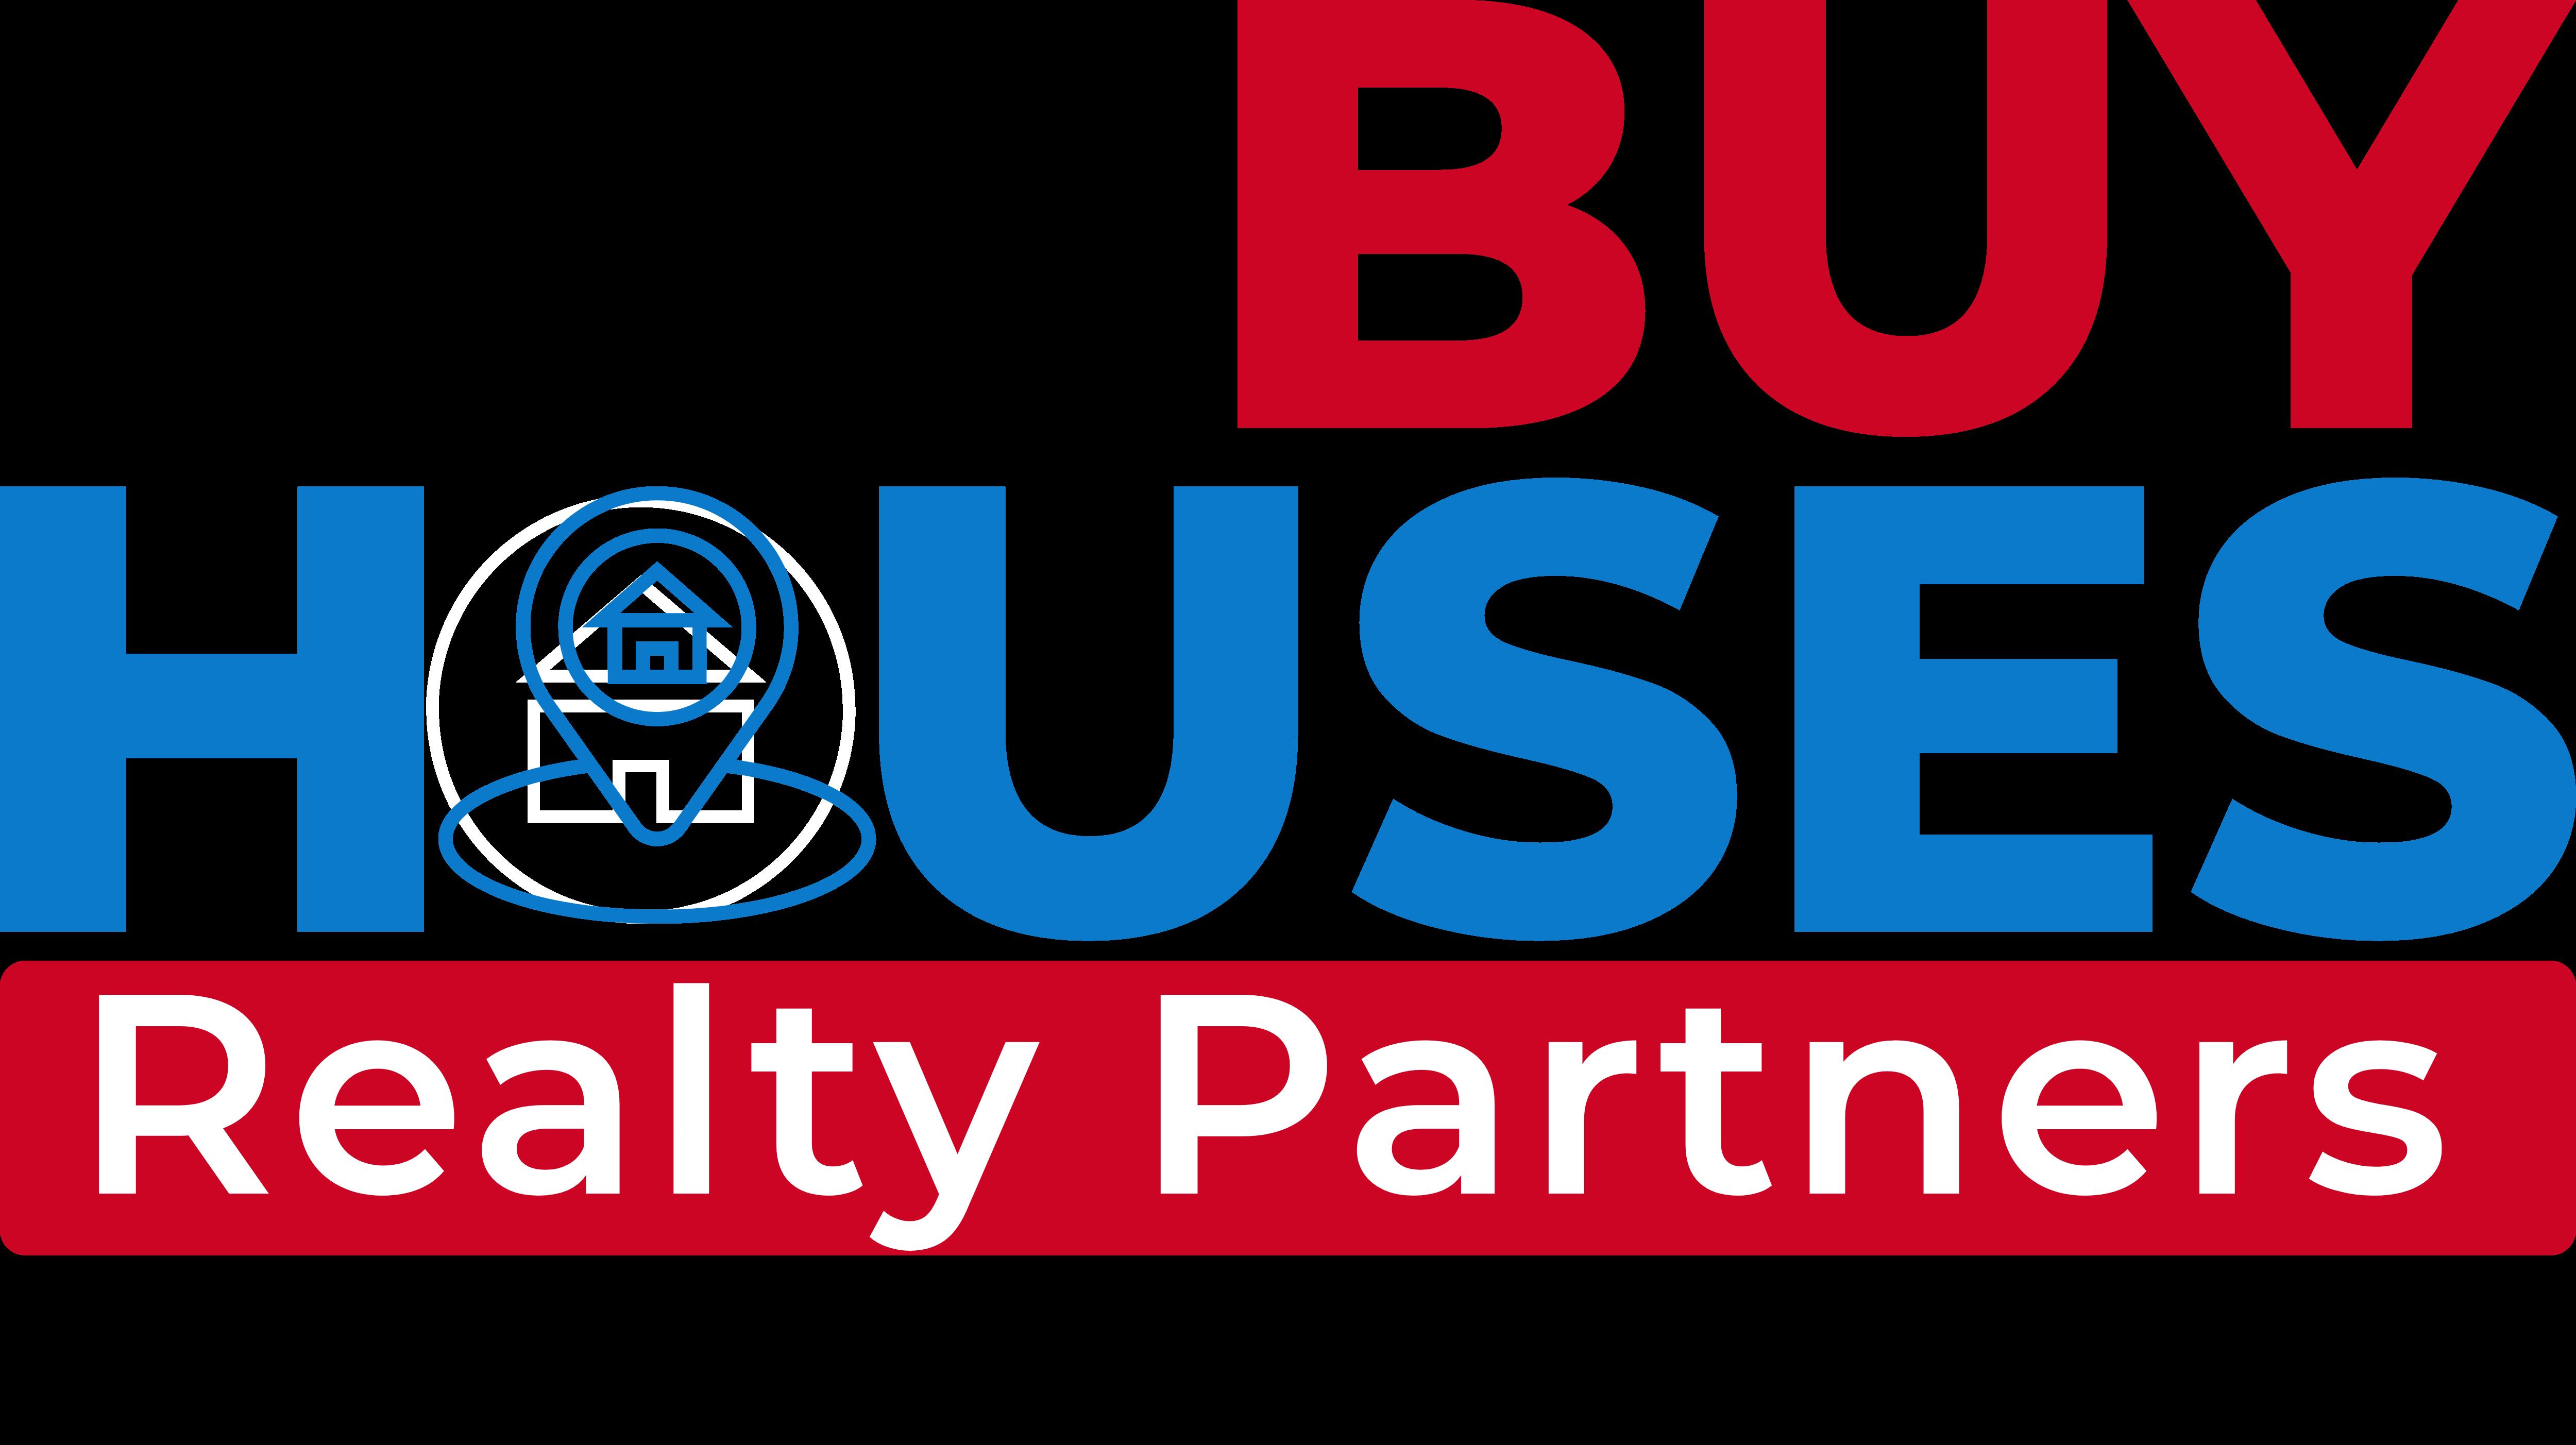 We Buy Houses Realty LLC